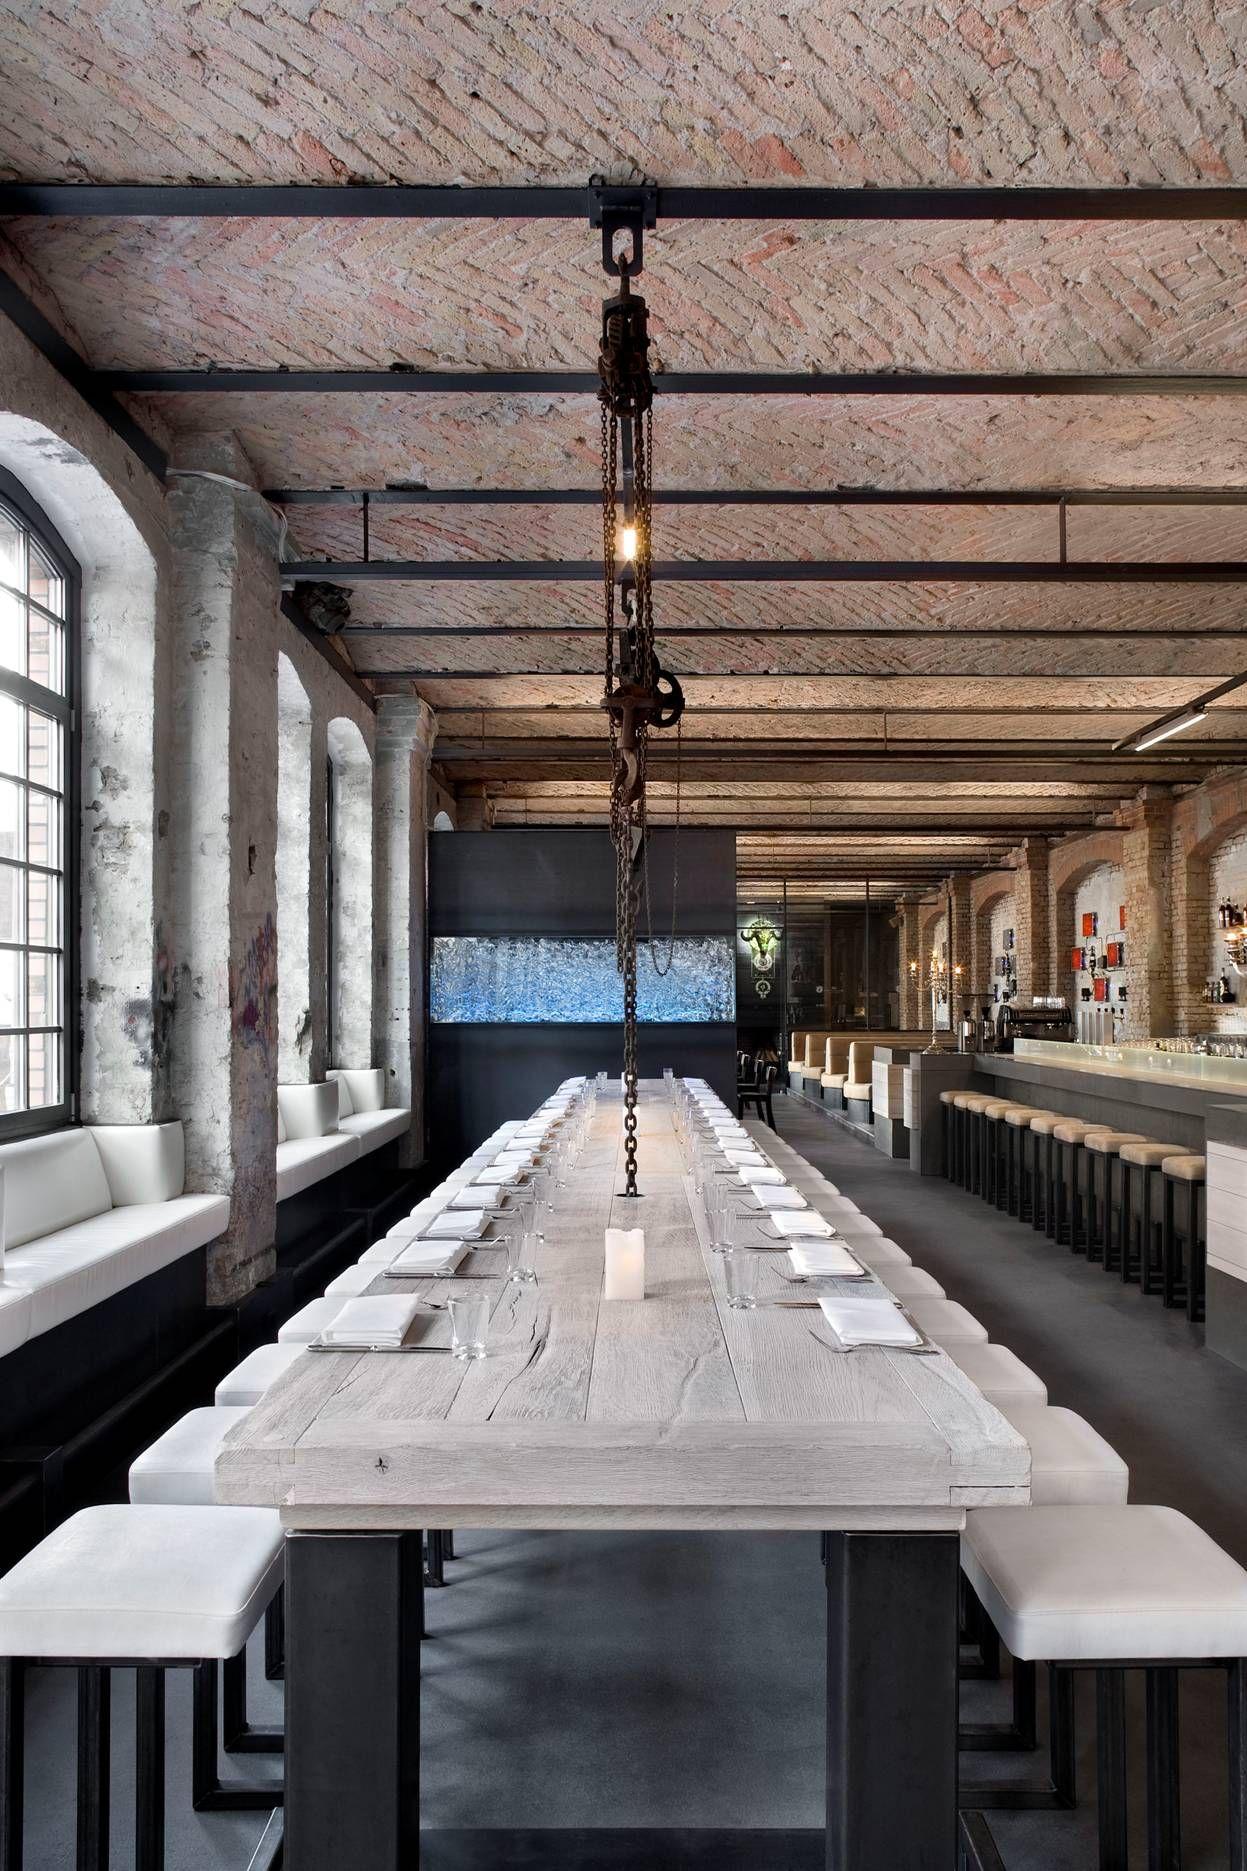 Küchen design hotel sage restaurant berlin  deco  store u restaurant  pinterest